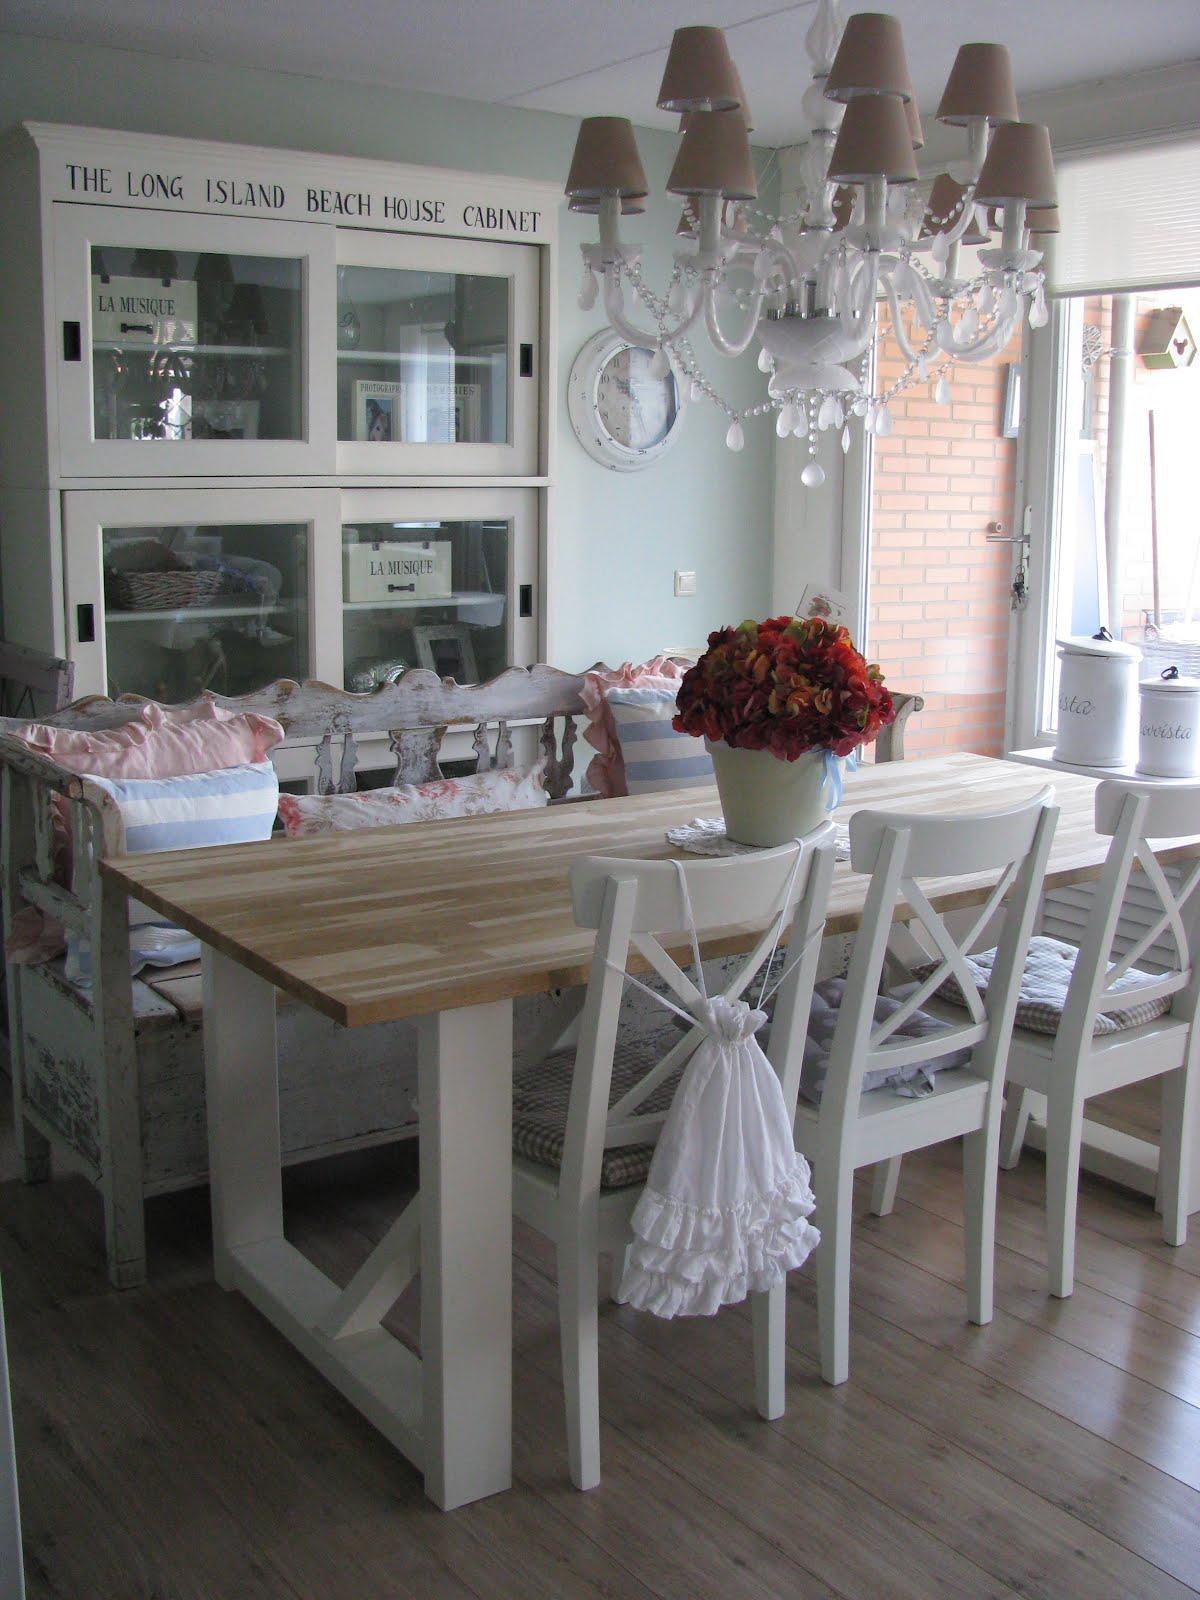 Keuken Eethoek Ikea : De klepbank is mijn favoriete meubelstuk in huis. Lekker doorleefd met